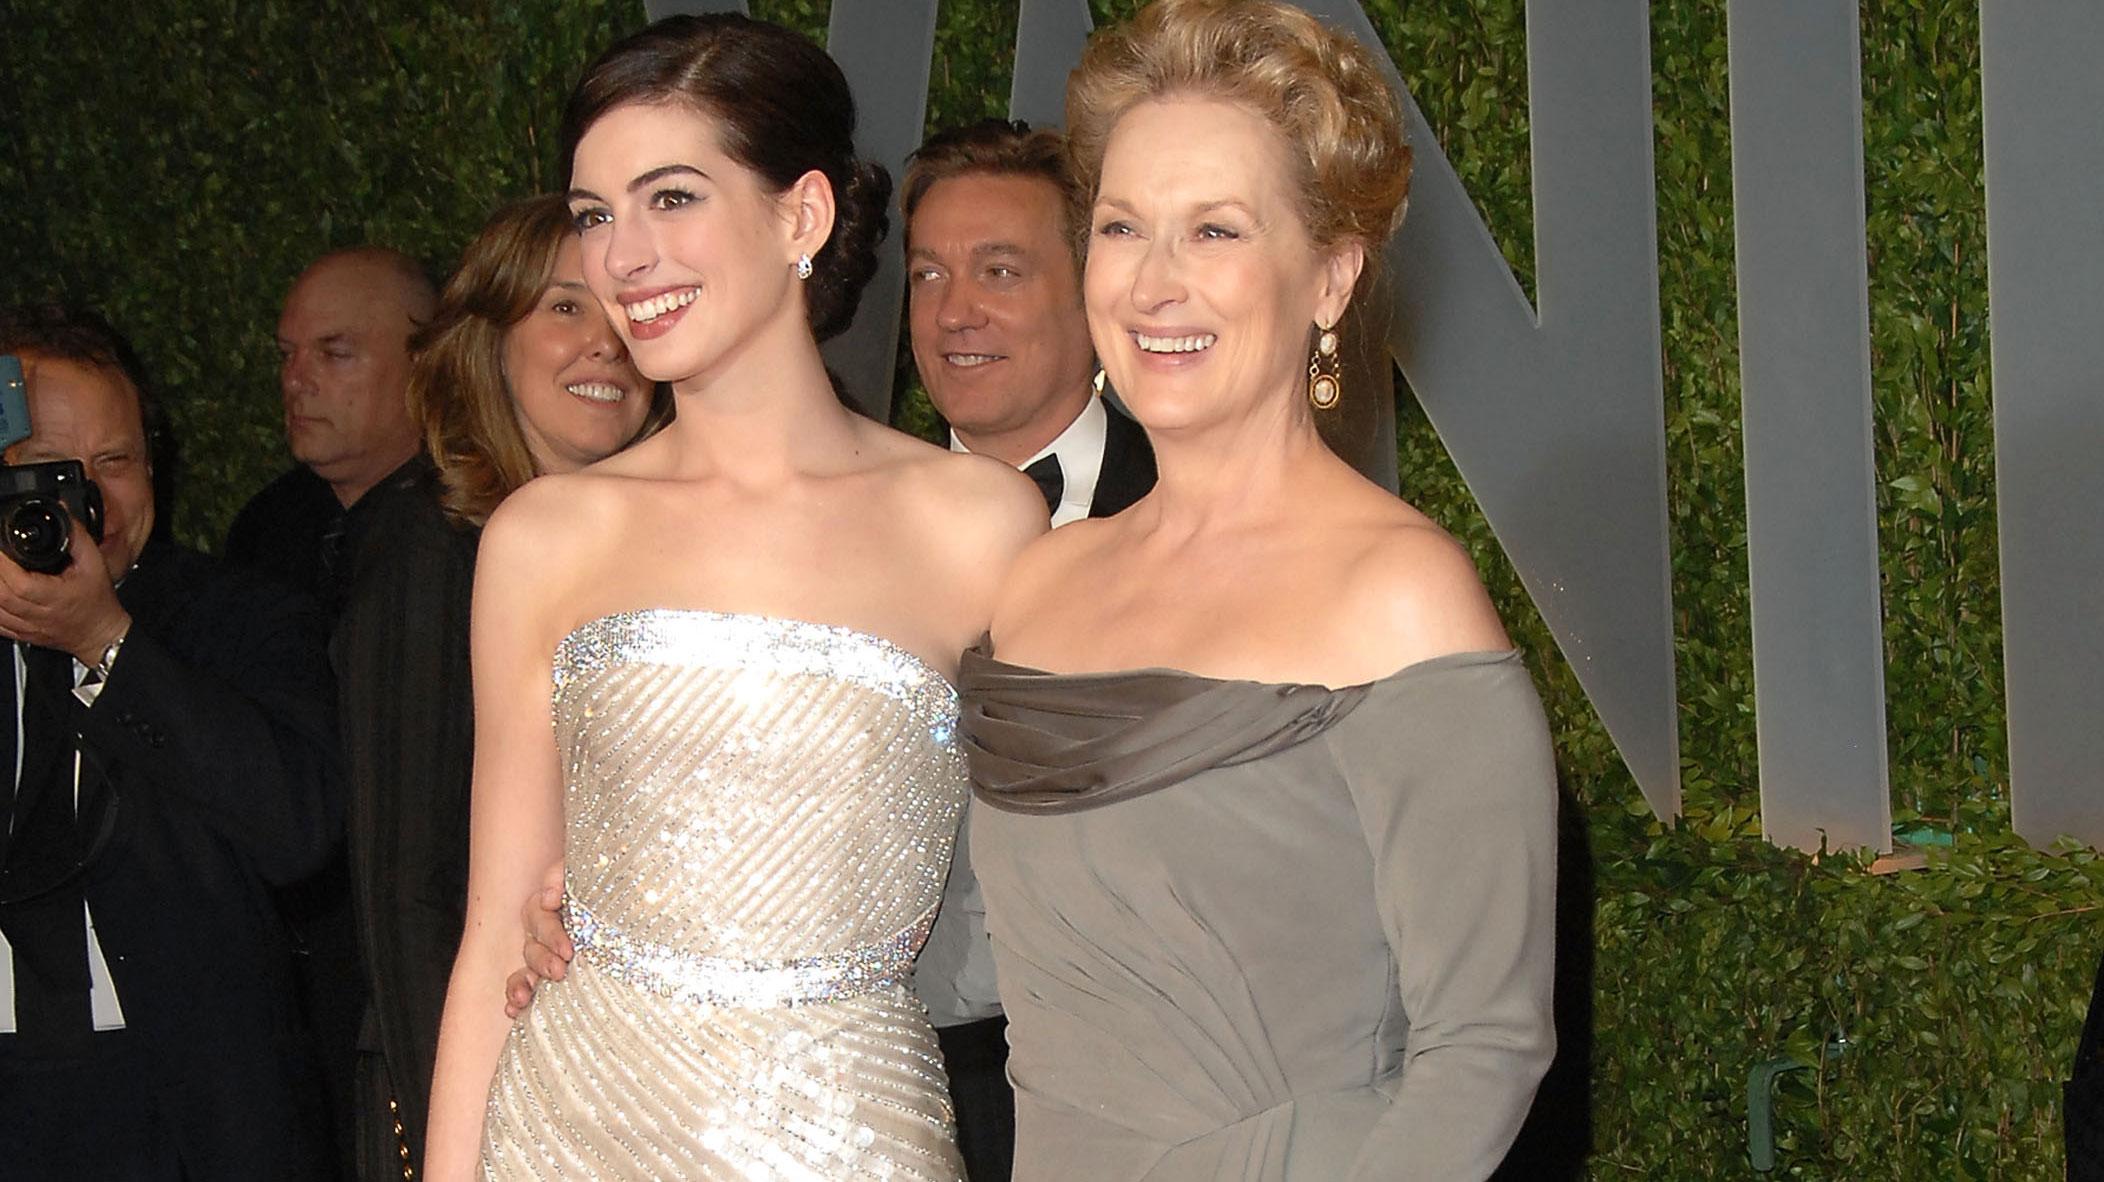 Sandra Bullock, Chelsea Handler Naked Together: Stars Chat